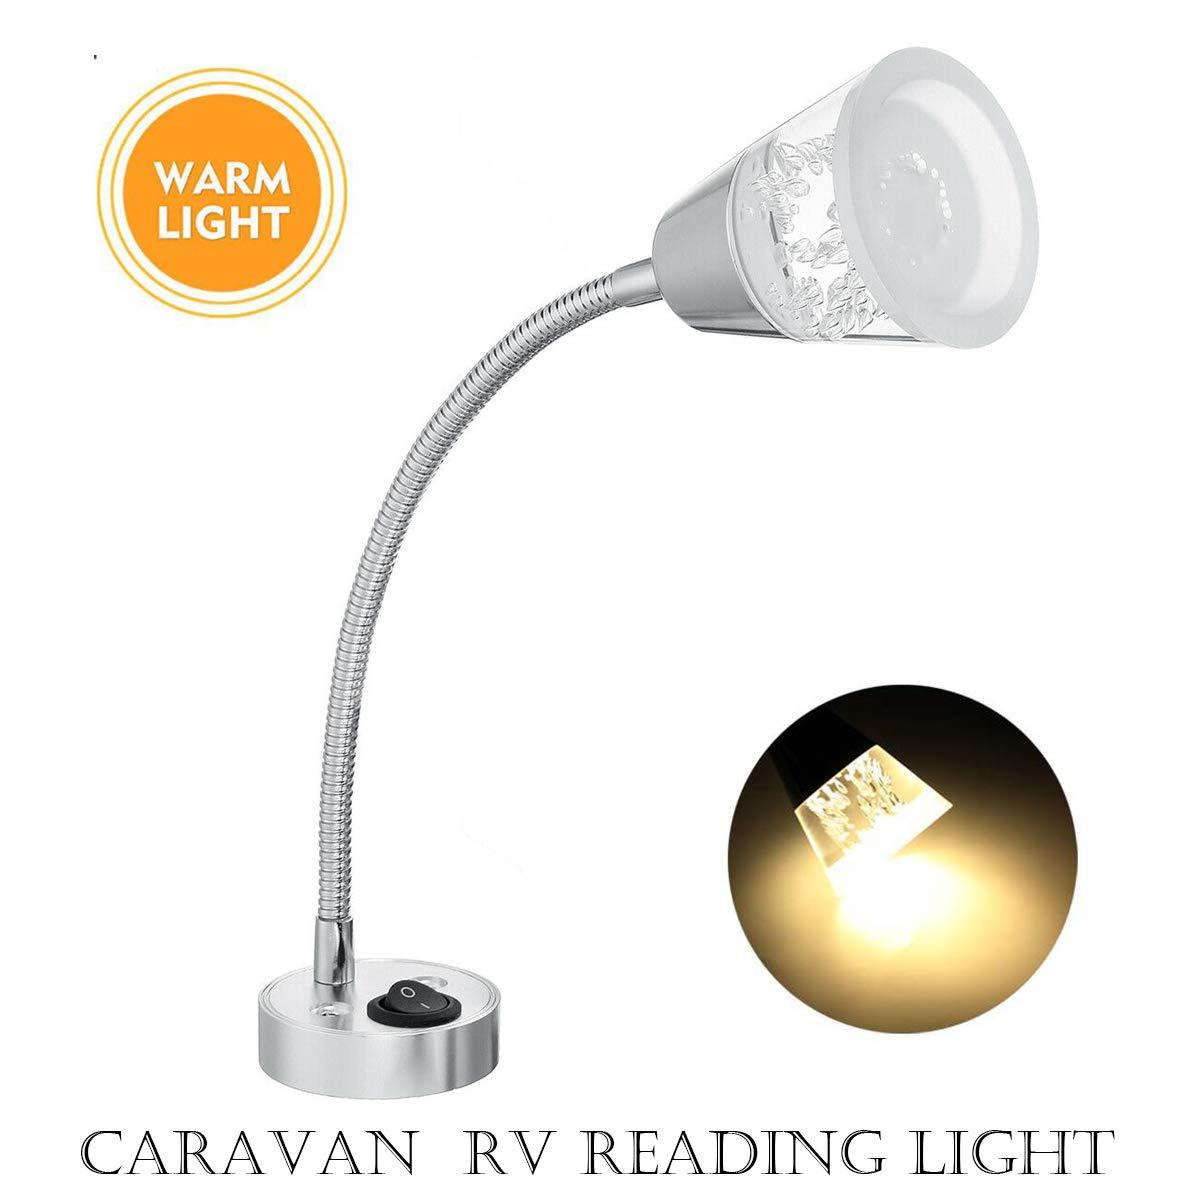 MASO 2X 12V LED Interior Reading Light Wall Spot Lights for Van Caravan Boat Motorhome Bedroom Lighting Warm